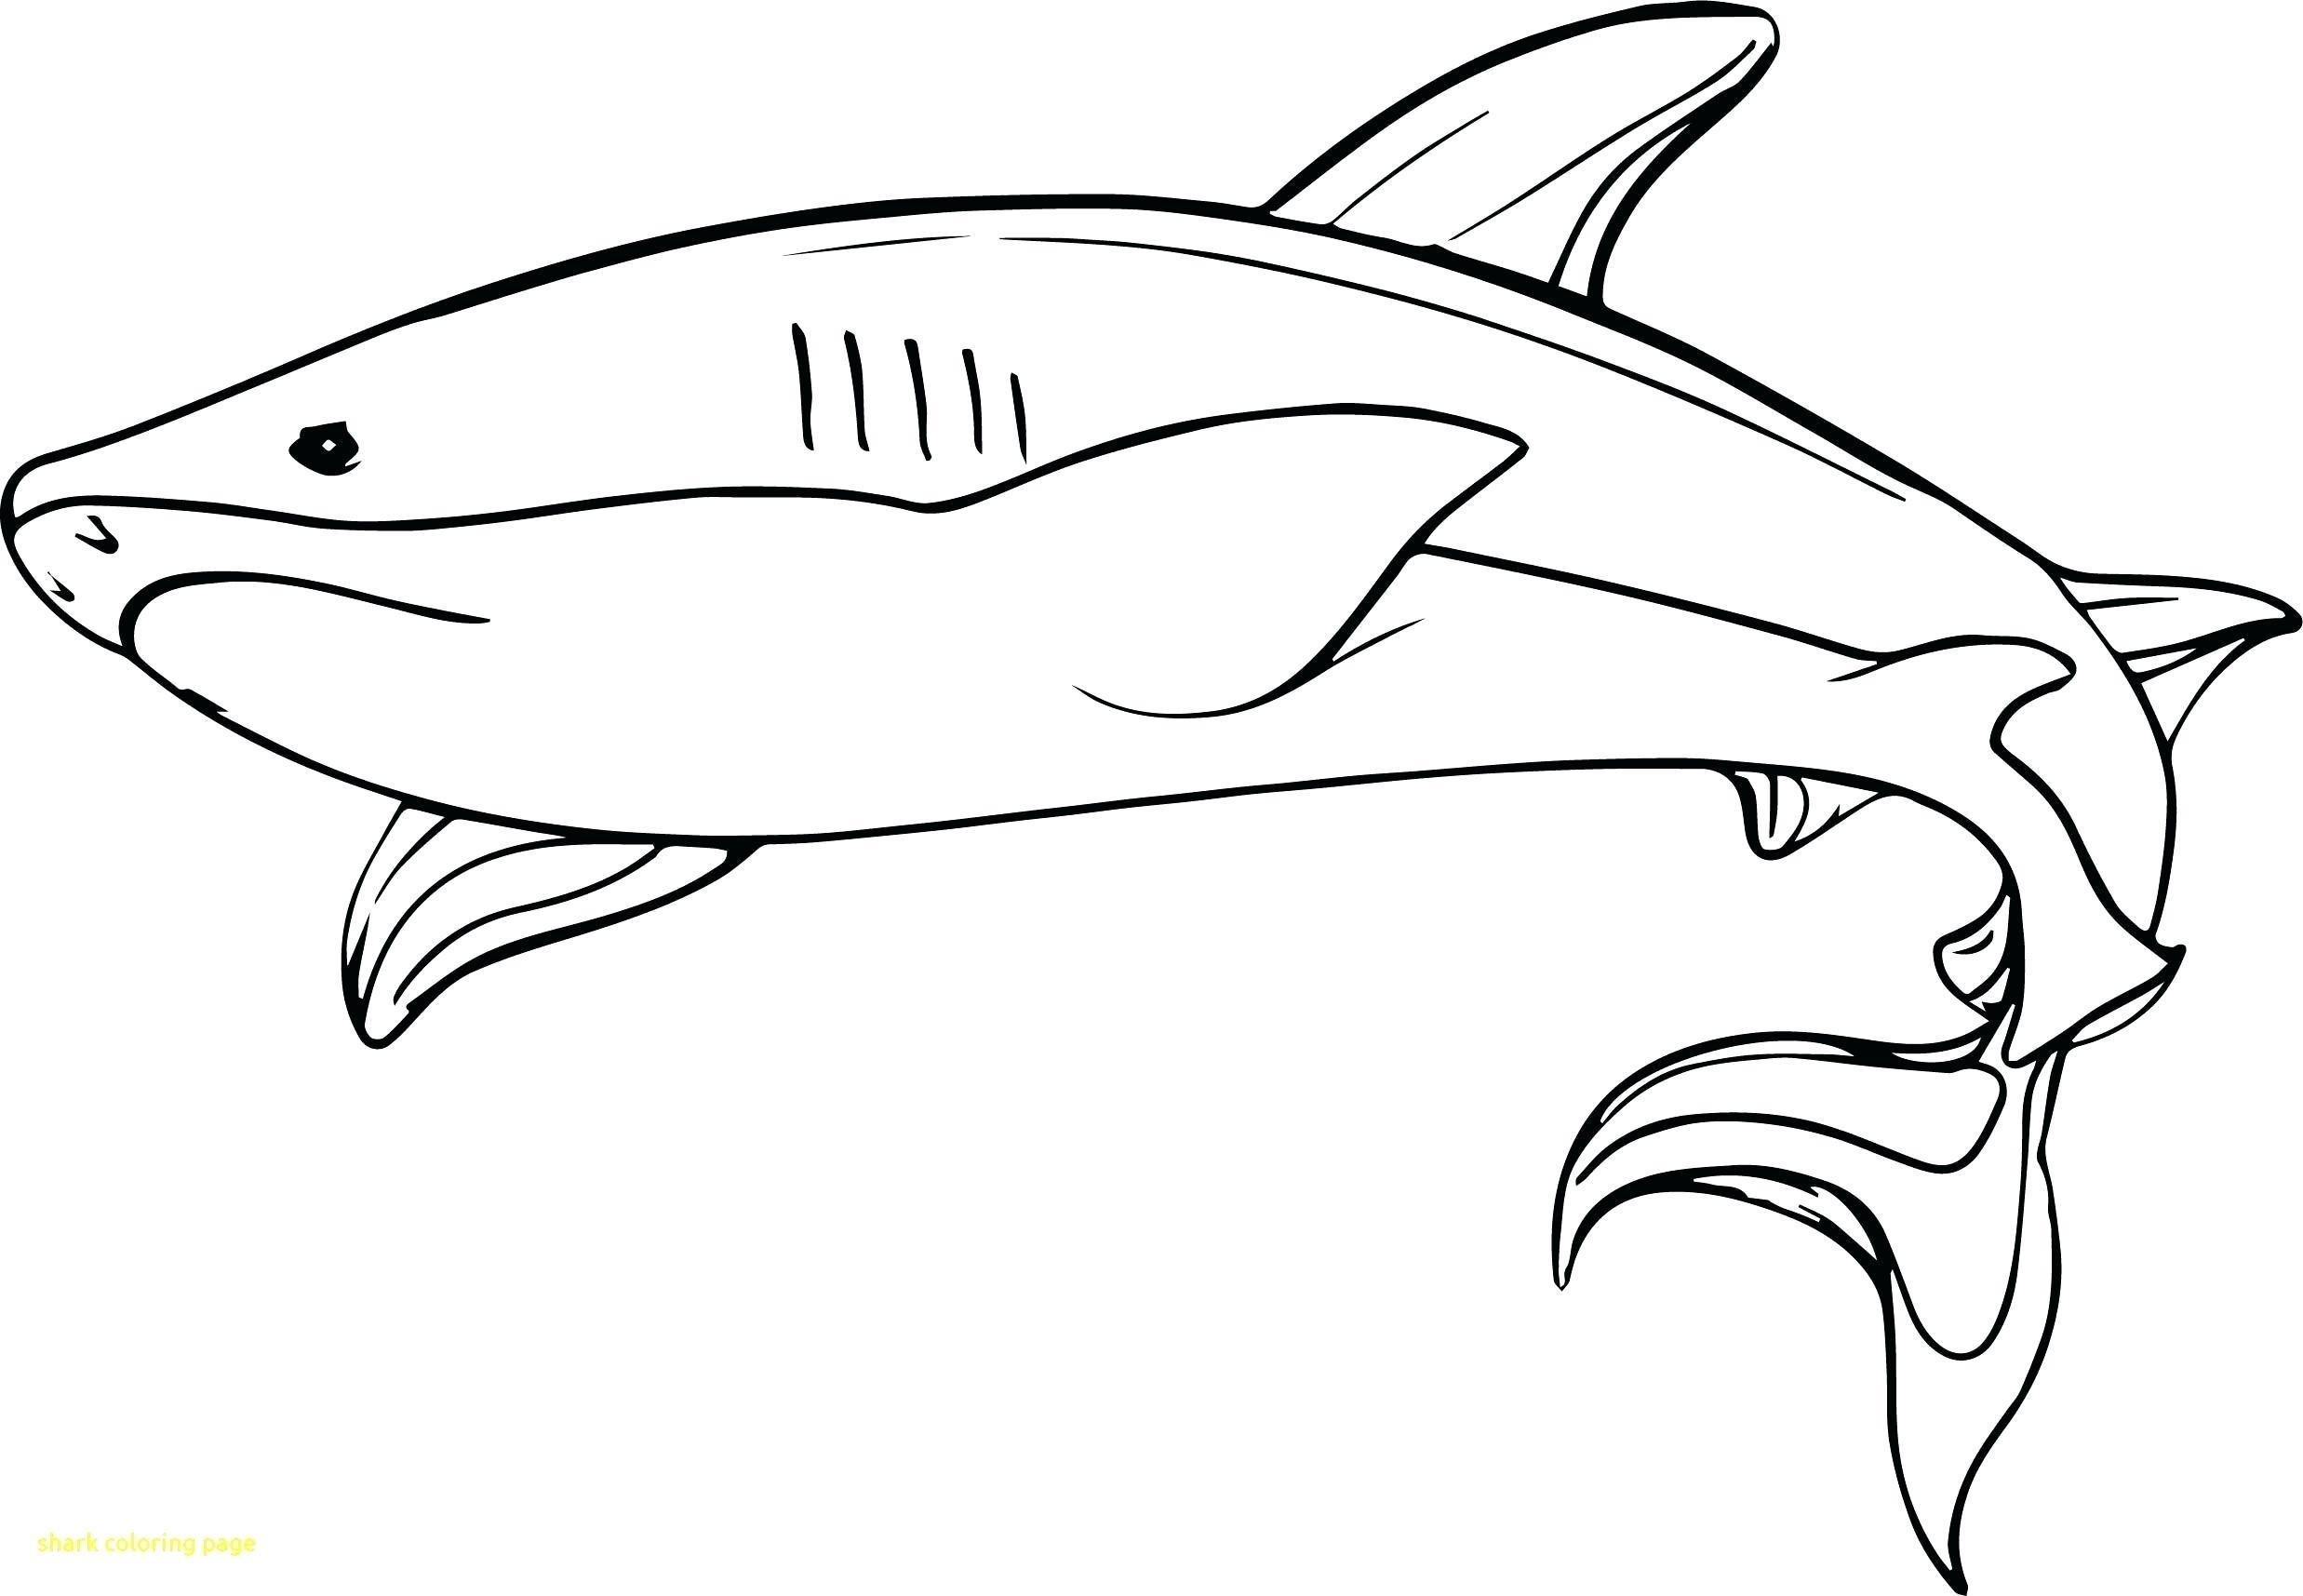 Tranh tô màu cá mập đẹp nhất